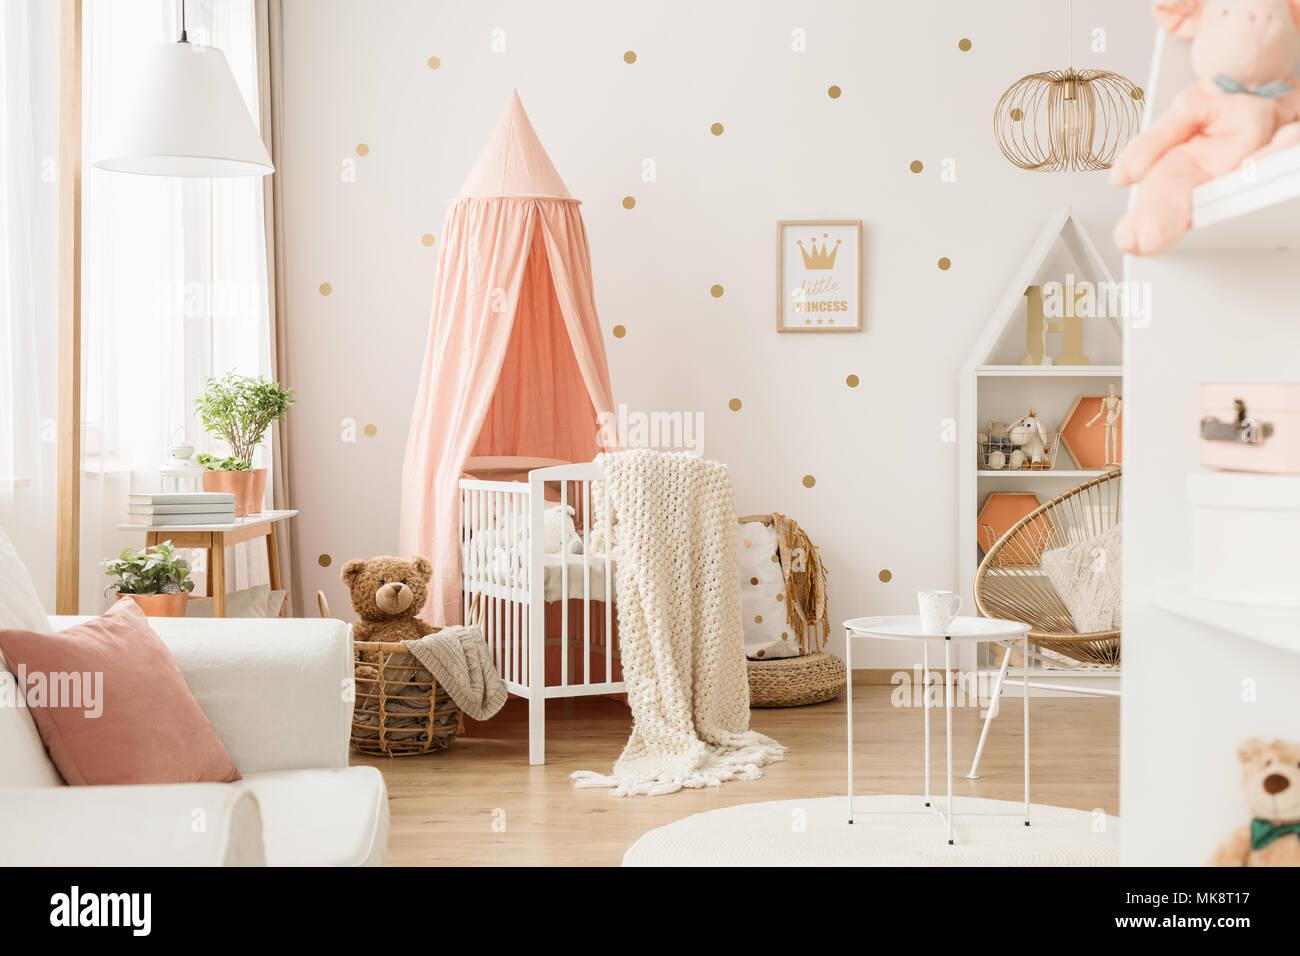 Parete Doro : Vivaio luminosa sala interna con il bianco presepe decorazione